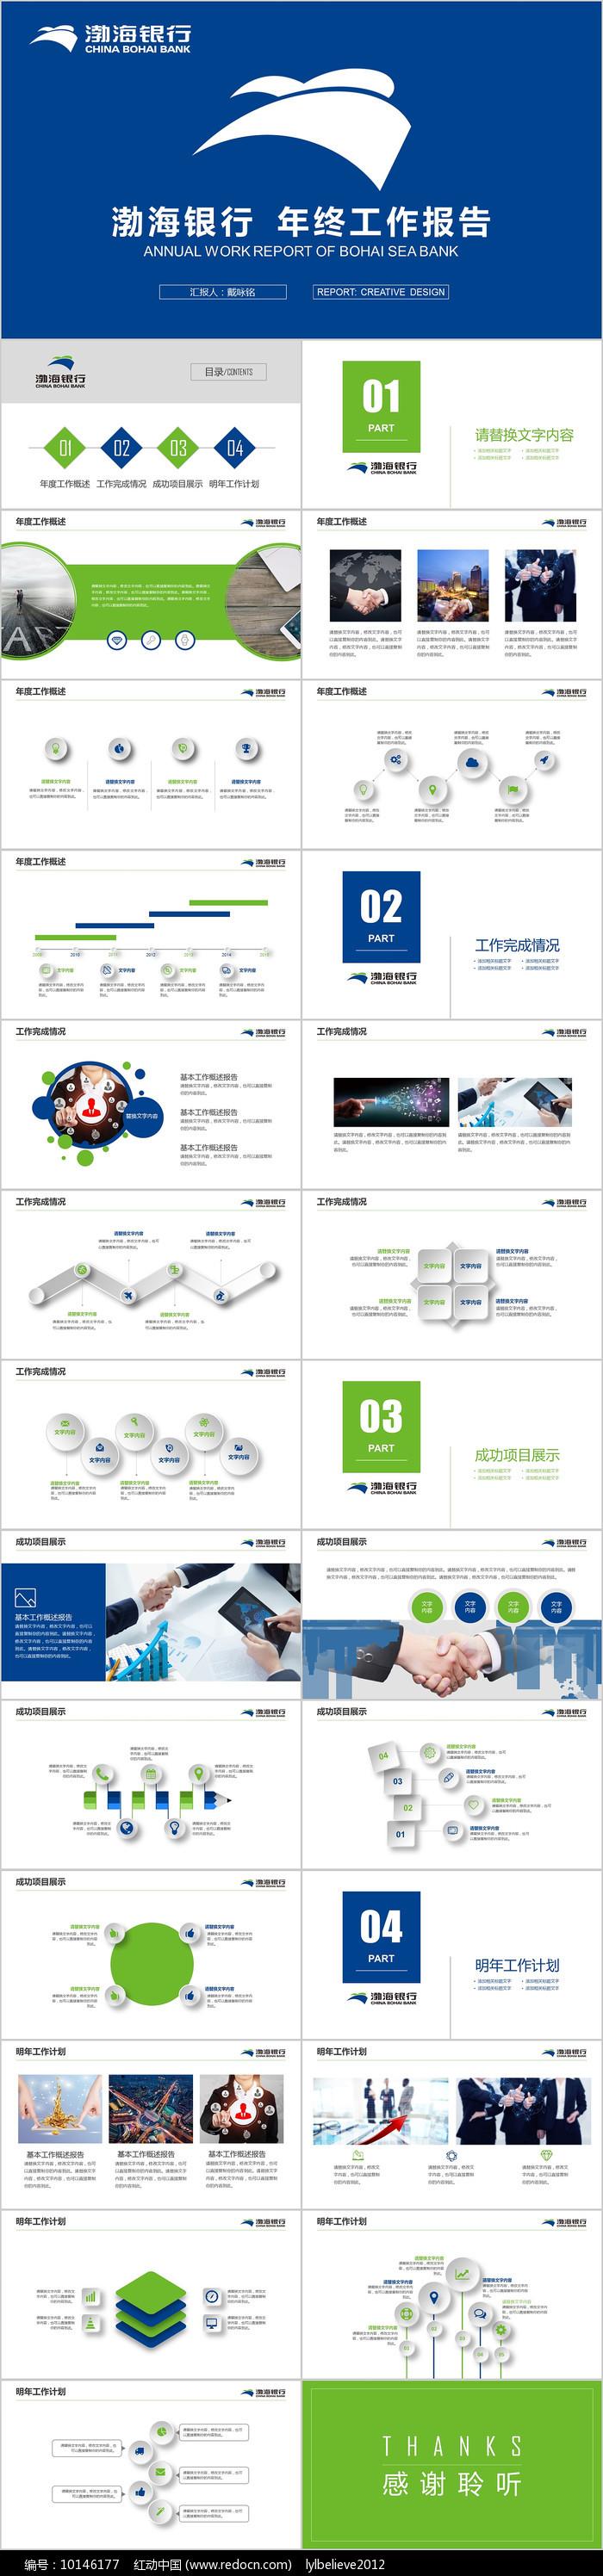 渤海银行总结计划汇报ppt图片